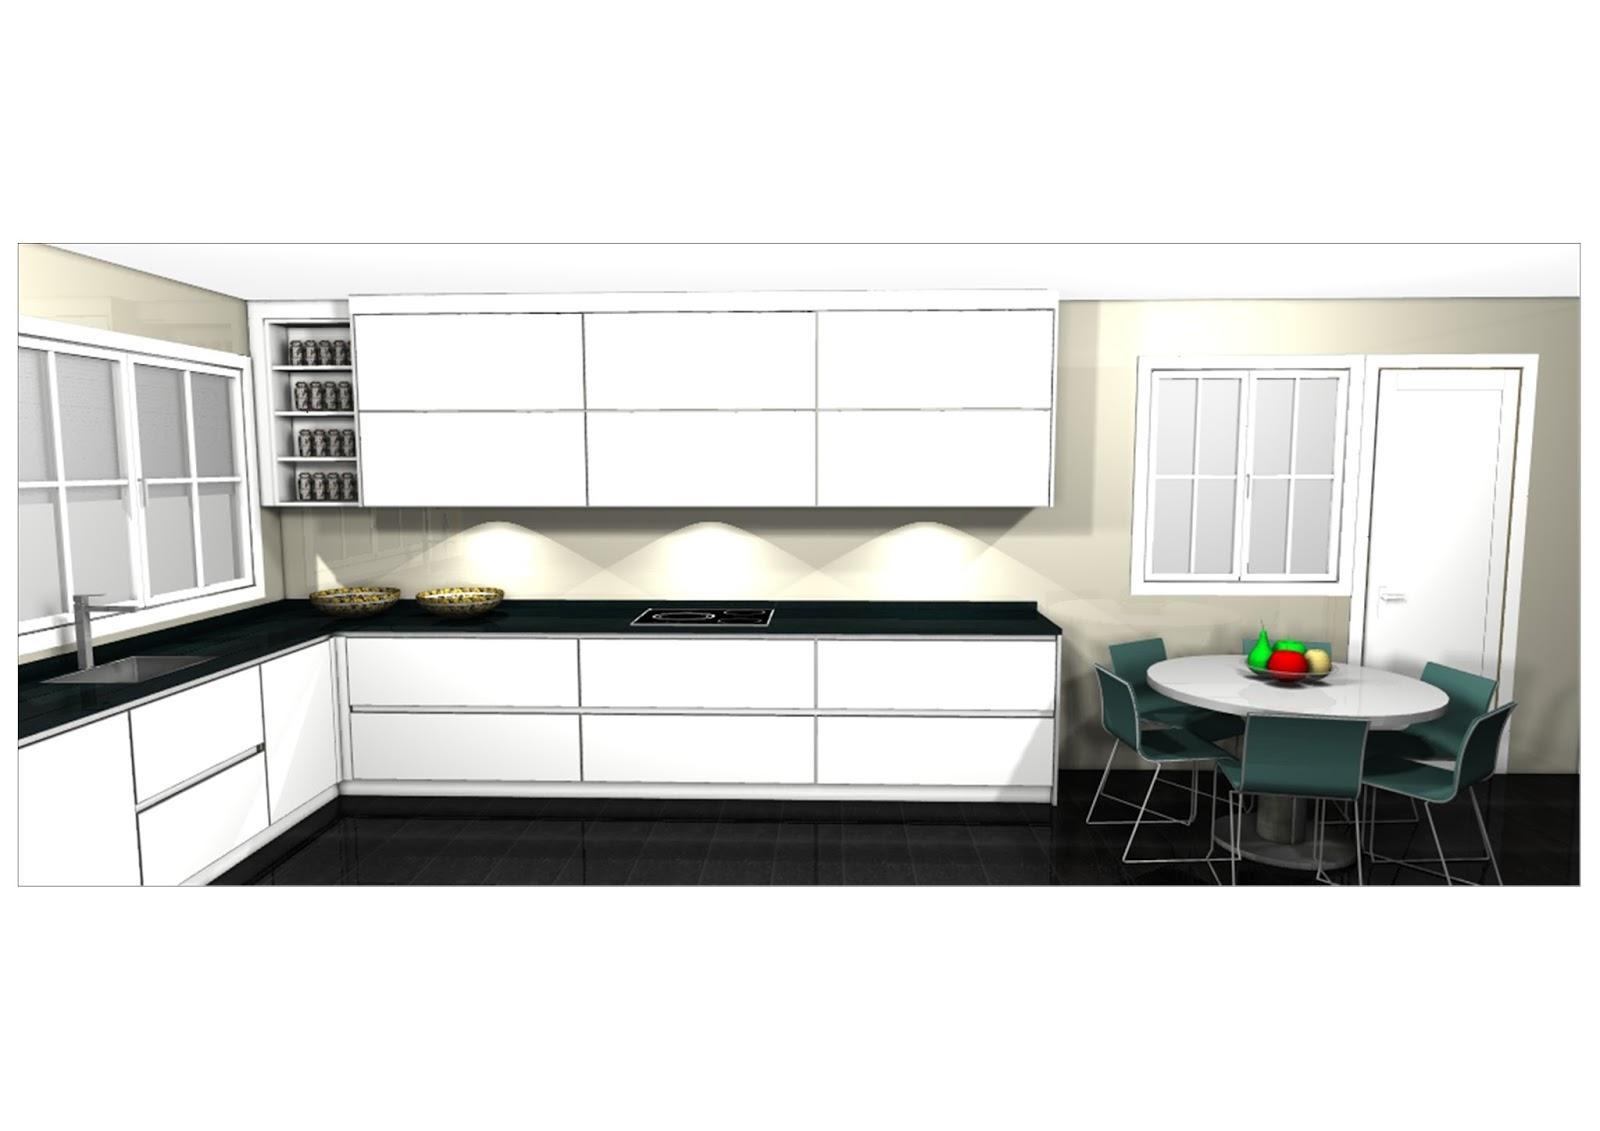 Disear una cocina en 3d excellent de una idea a tu cocina for Simulador cocinas 3d online